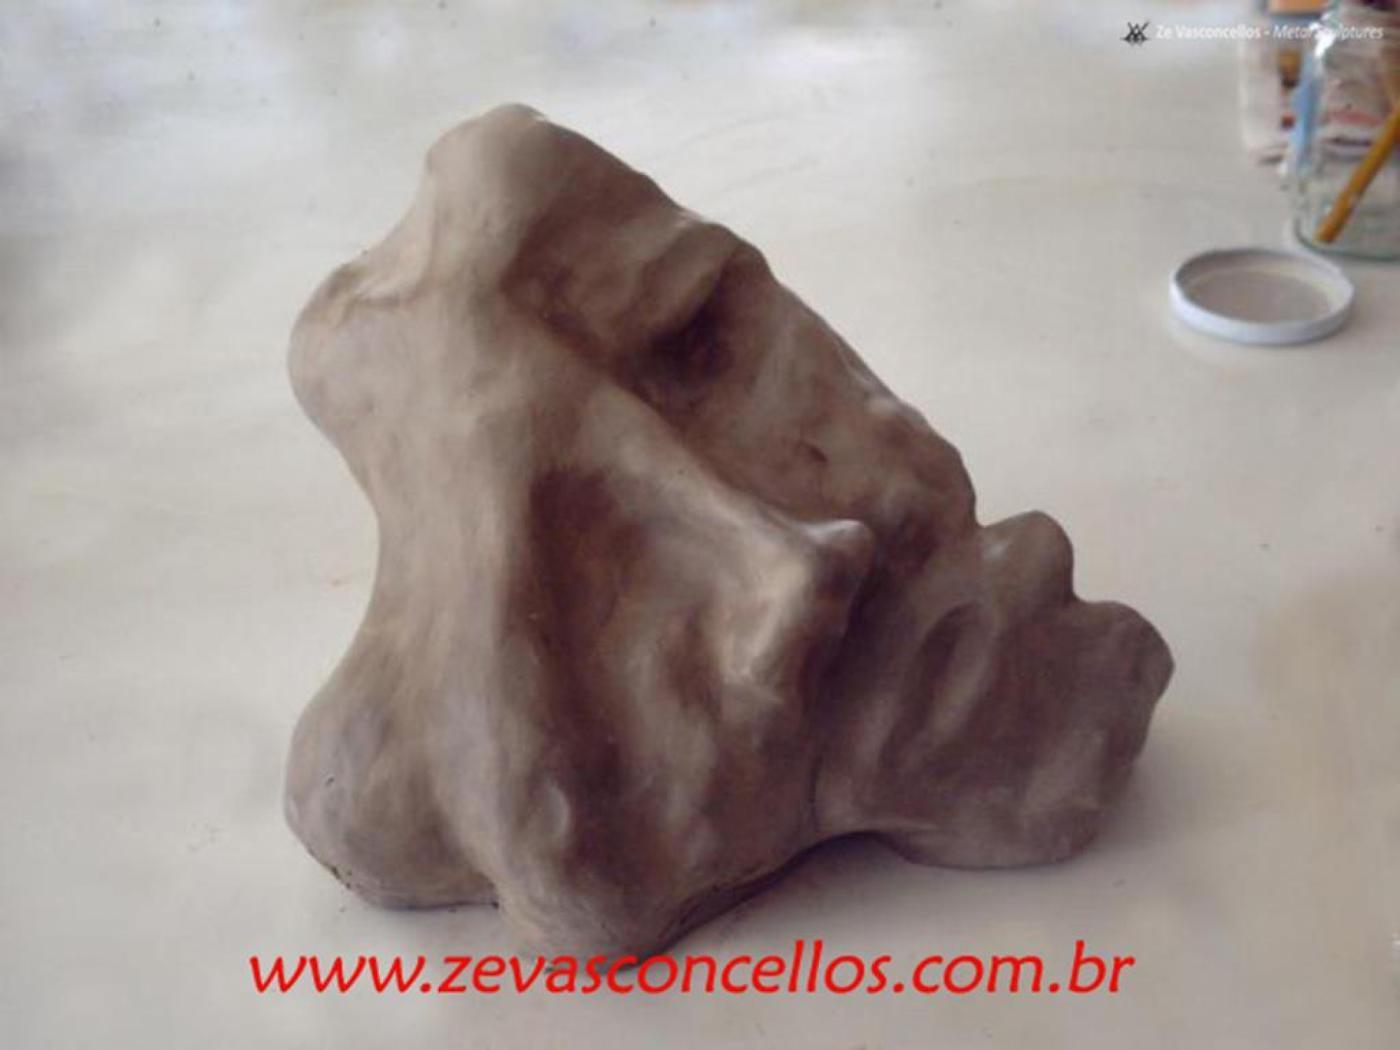 Argila - Expostas no Atelier Ze Vasconcellos Metal SculpturesZe Vasconcellos Metal Sculptures - Metal Sculptures - Campinas - São Paulo - Brasil Esculturas em Metal, Metal Sculptures, Cavalo Metal, Horse Metal, Art Metal, Ze Vasconcellos Metal Sculptures